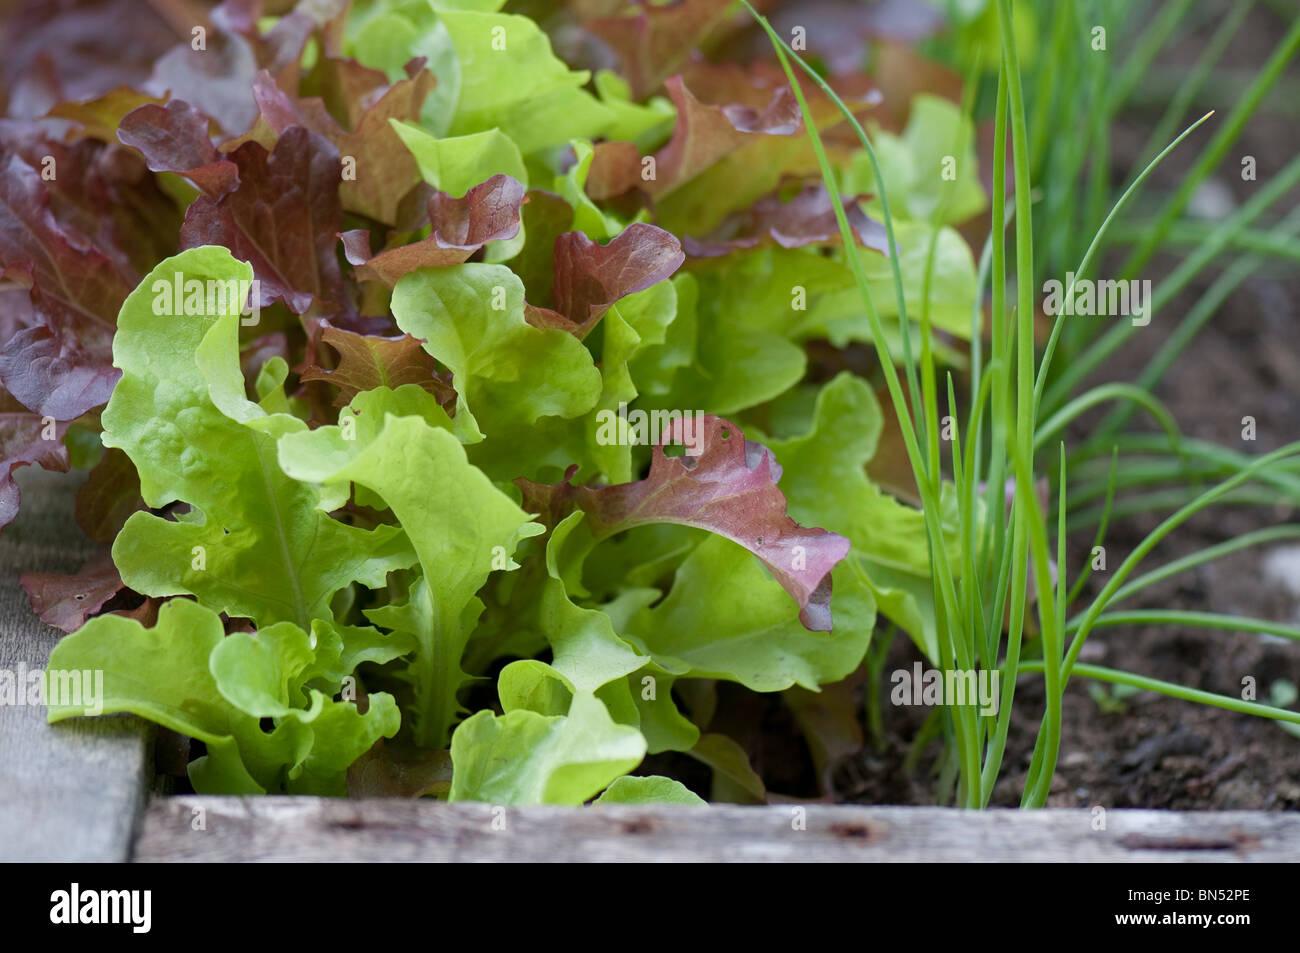 Salat Pflanzen In Einem Hochbeet Stockfoto Bild 30230102 Alamy